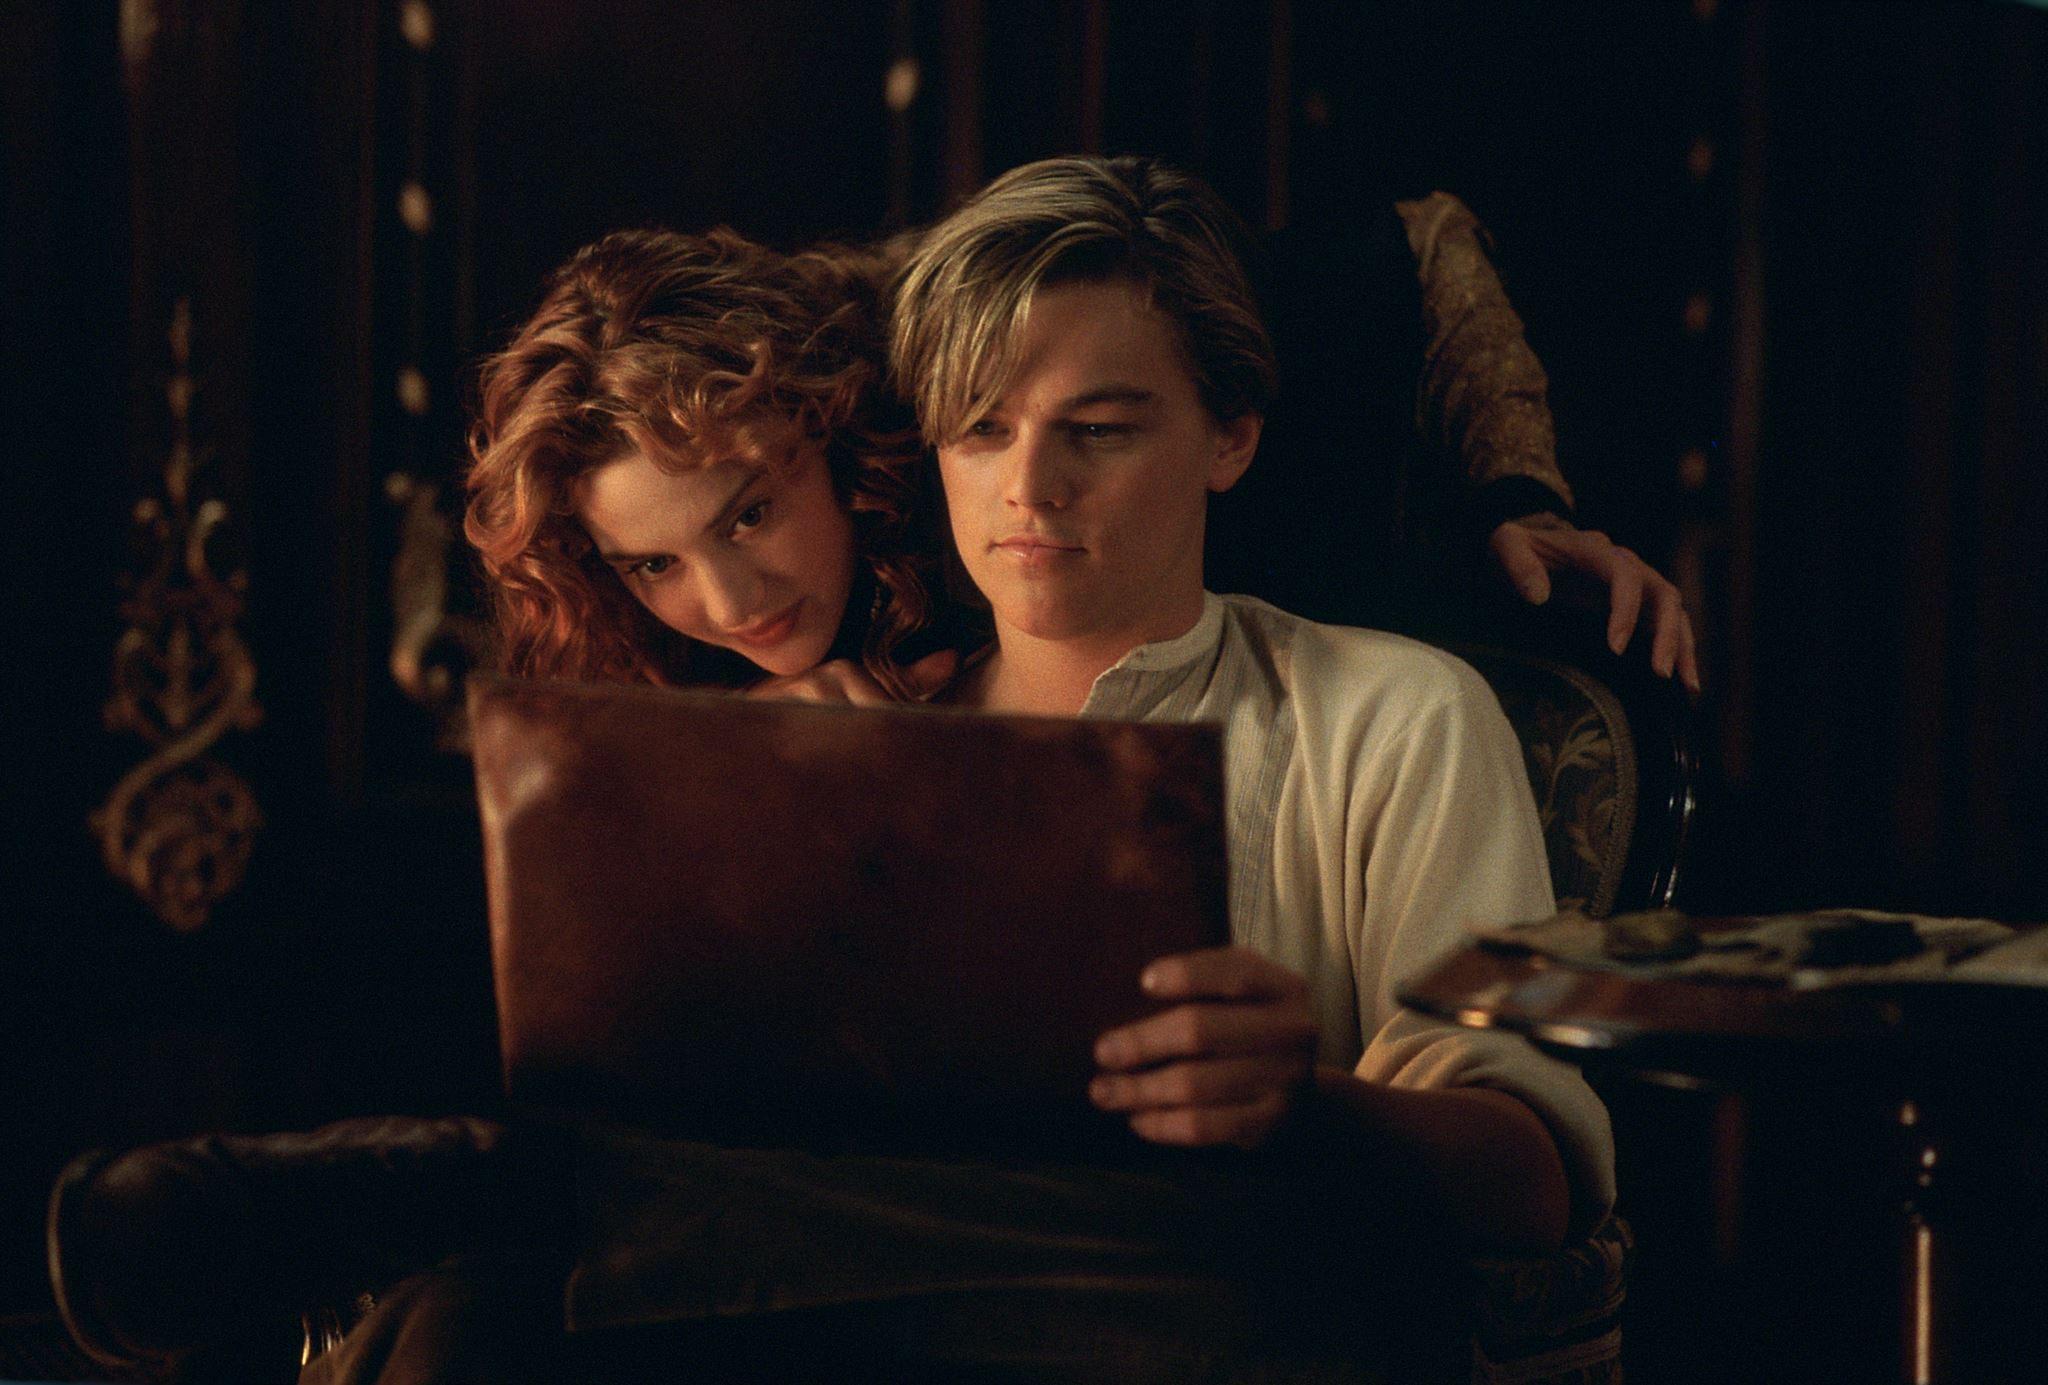 Dating in the dark hot scene of titanic